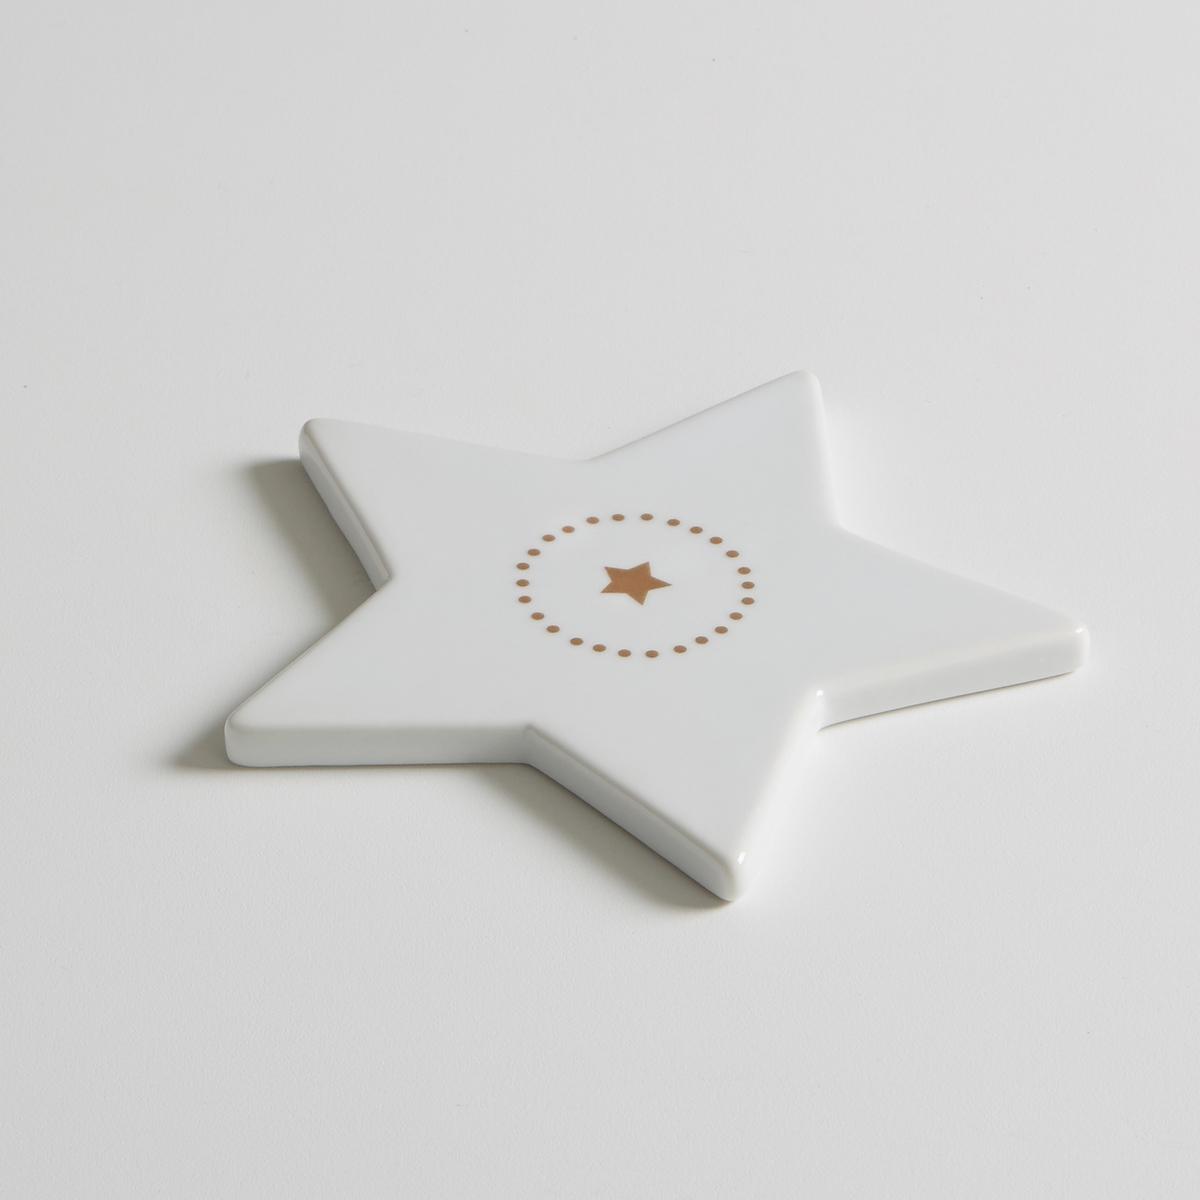 4 подстаканника из фарфора, KublerНабор из 4 подстаканников в форме звезды из фарфора Kubler La redoute Int?rieurs .     Благородство фарфора в сочетании с оригинальным рисунком создают очень современный столовый аксессуар . Рисунок в виде звезды по центру и принт в горошек воуруг  . Характеристики 4 подстаканников Kubler :- Подстаканник из фарфора  - Размеры : 12 x 12 см   - Высота : 1 см.- Использование в посудомоечной машине и микроволновой печи запрещено- В комплекте 4 бокалаНайдите комплект посуды из фарфора Kubler на нашем сайте laredoute.ru .<br><br>Цвет: белый